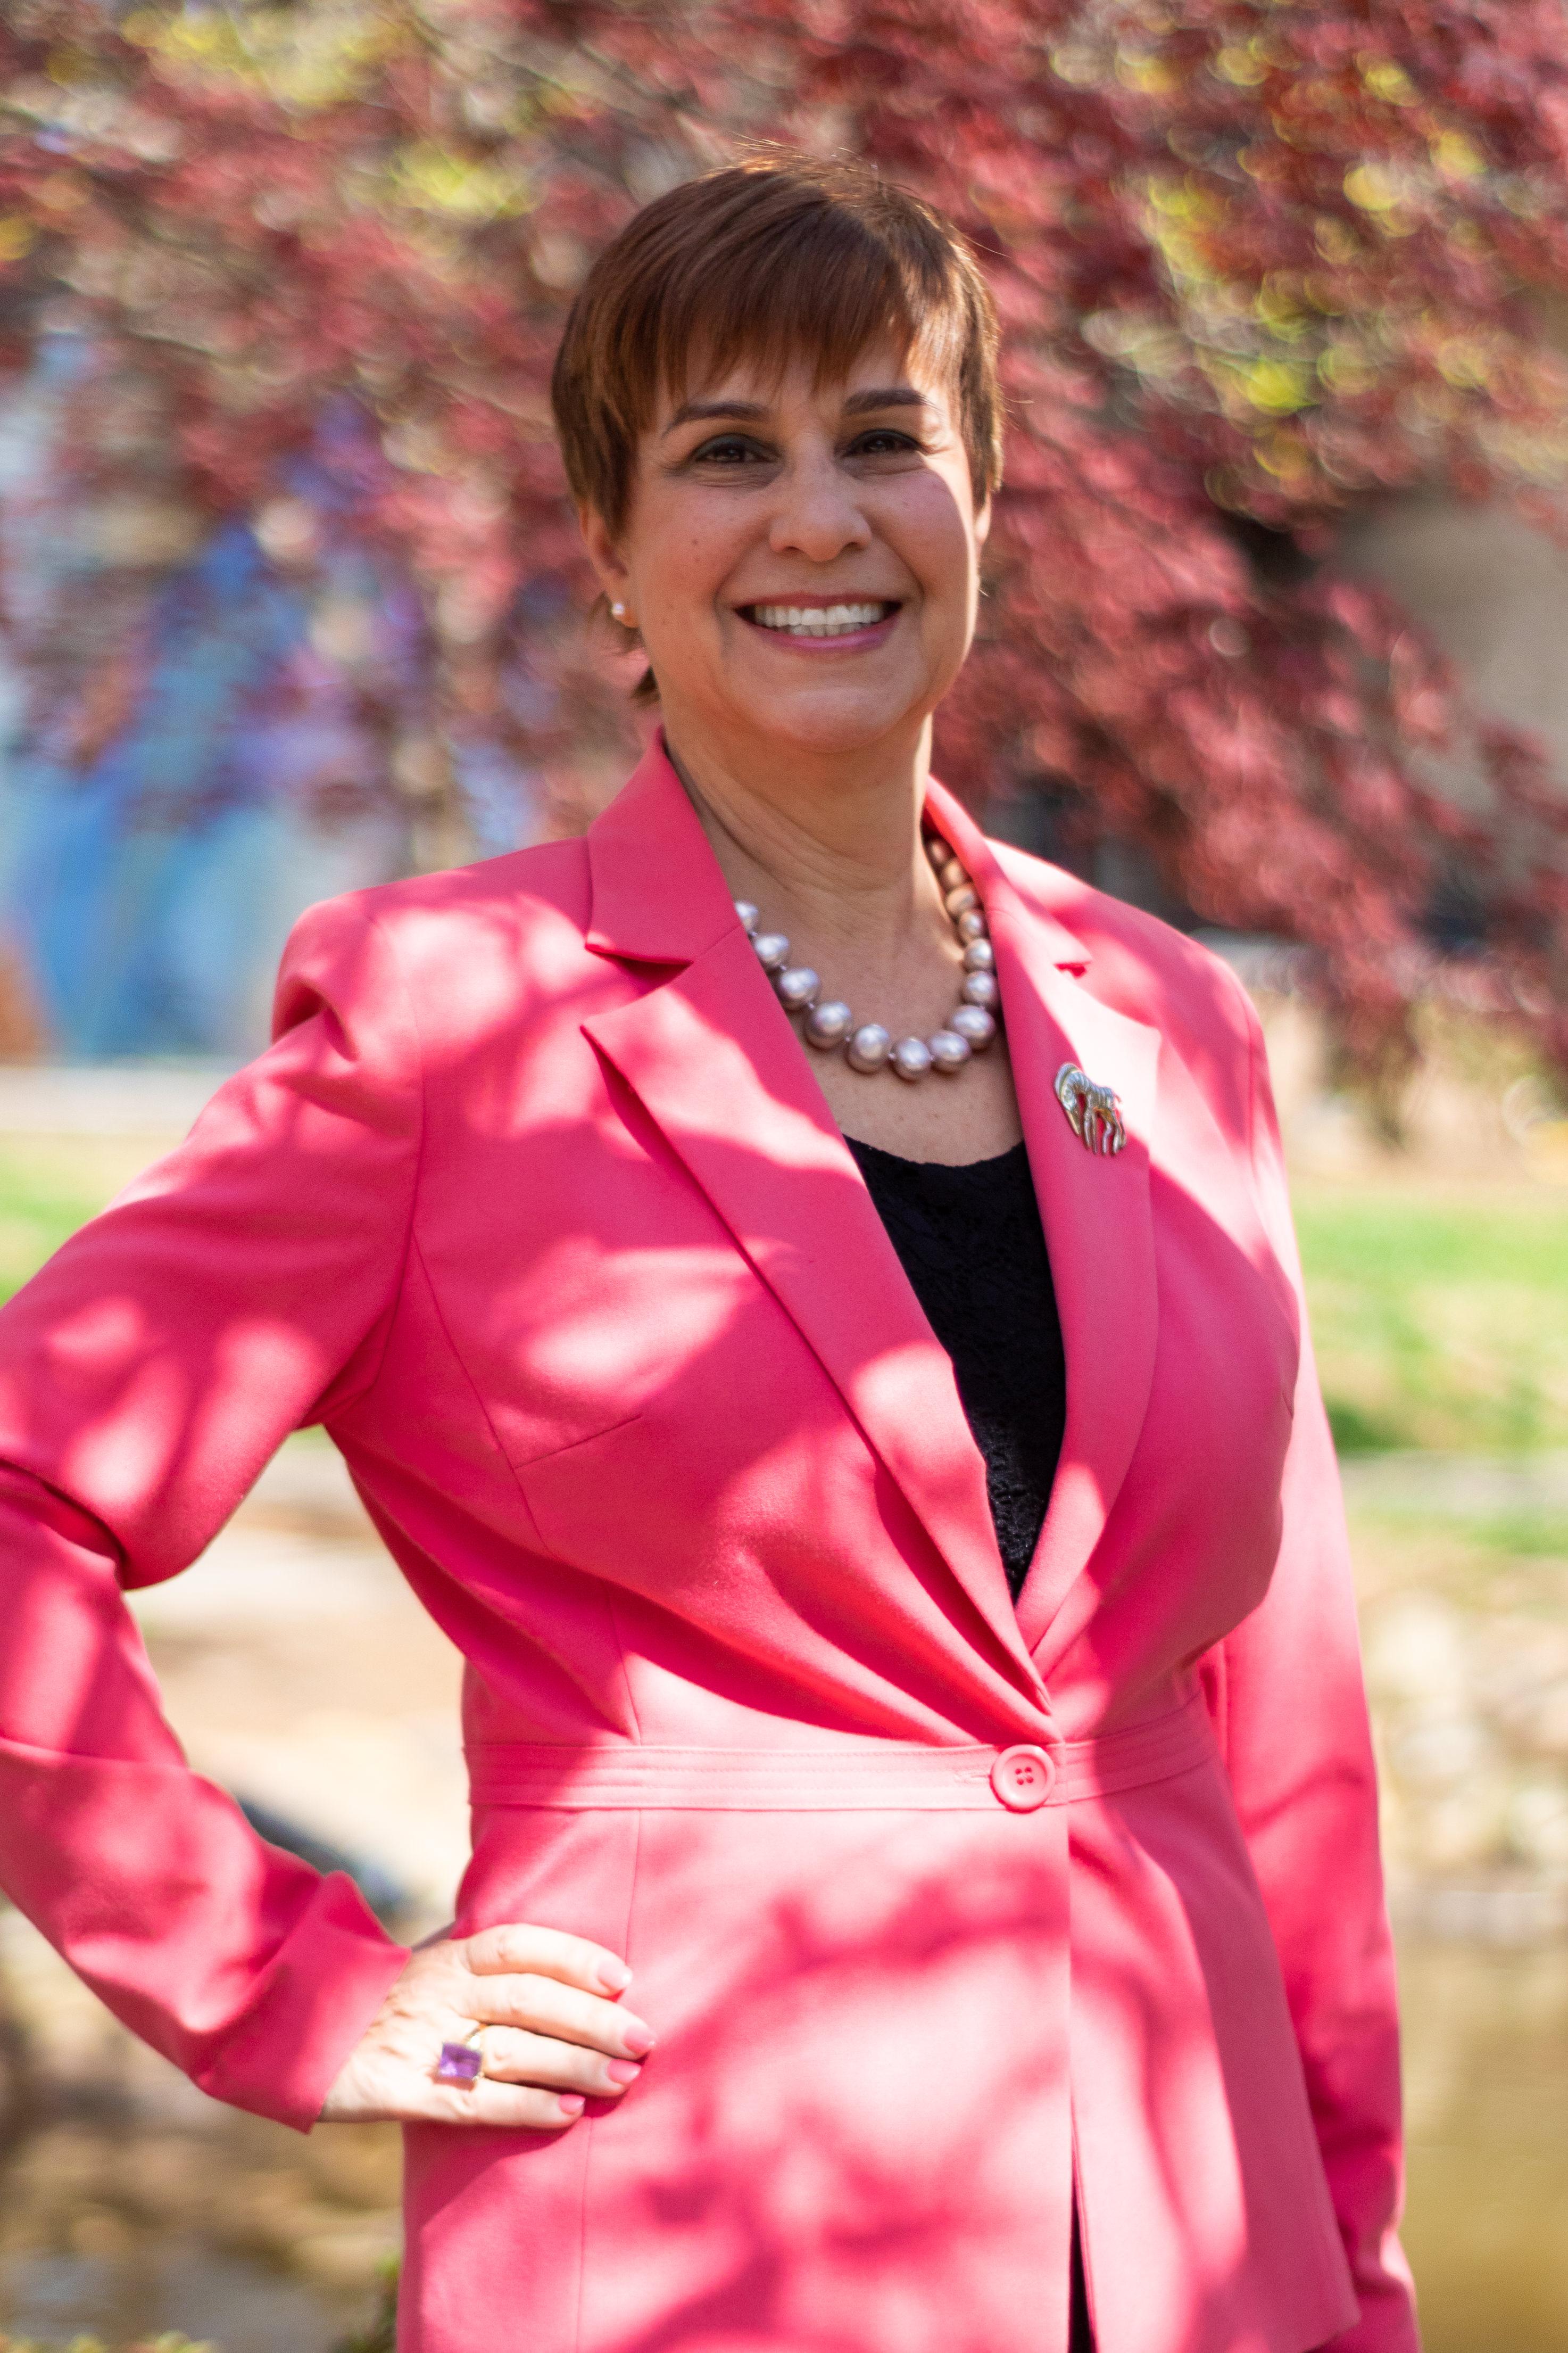 Janet Skeels